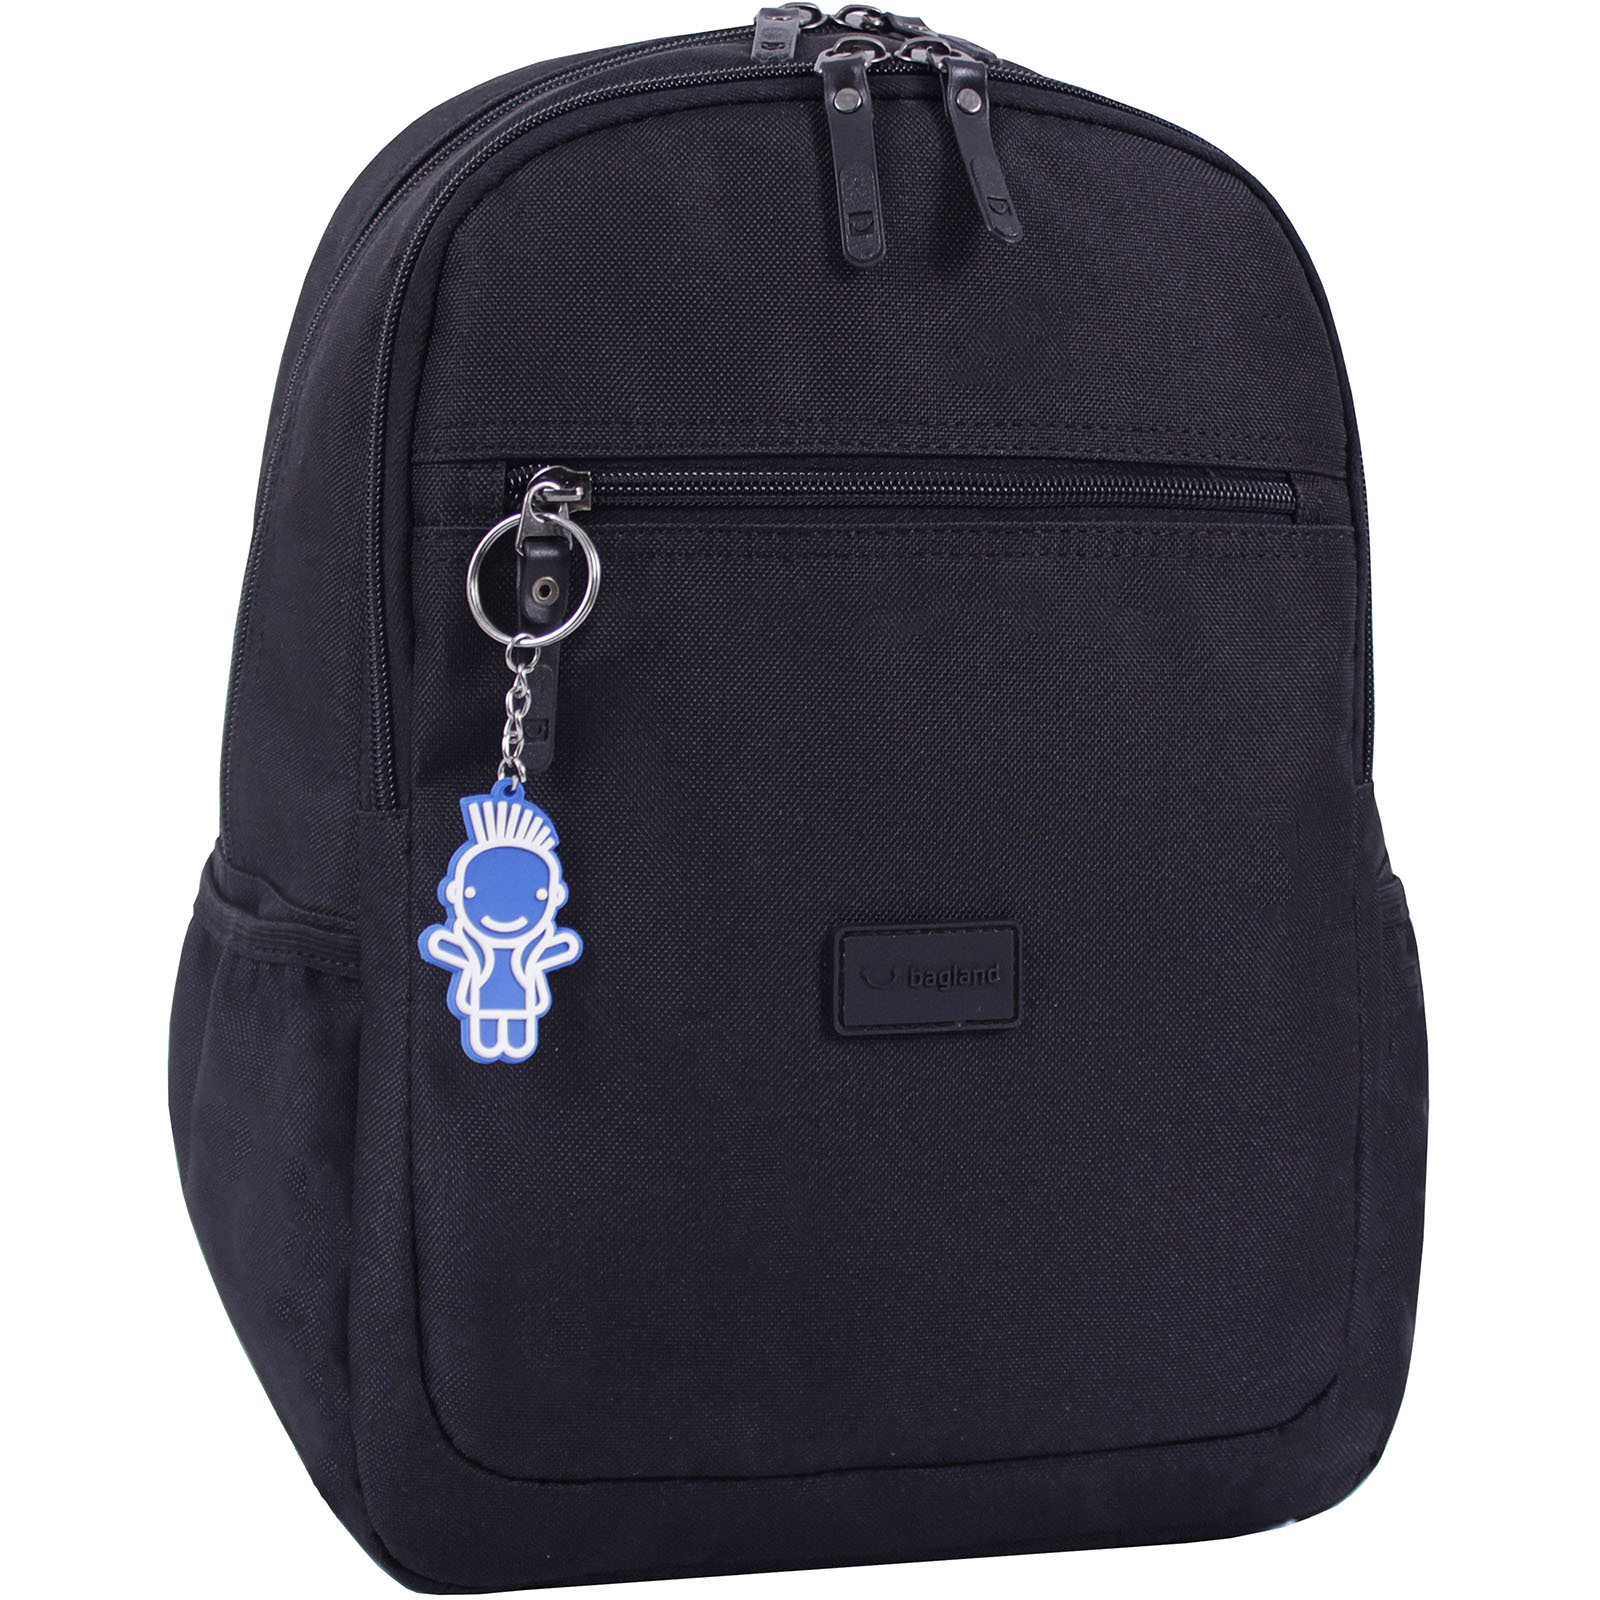 Городские рюкзаки Рюкзак Bagland Young 13 л. черный (0051066) IMG_1147.JPG